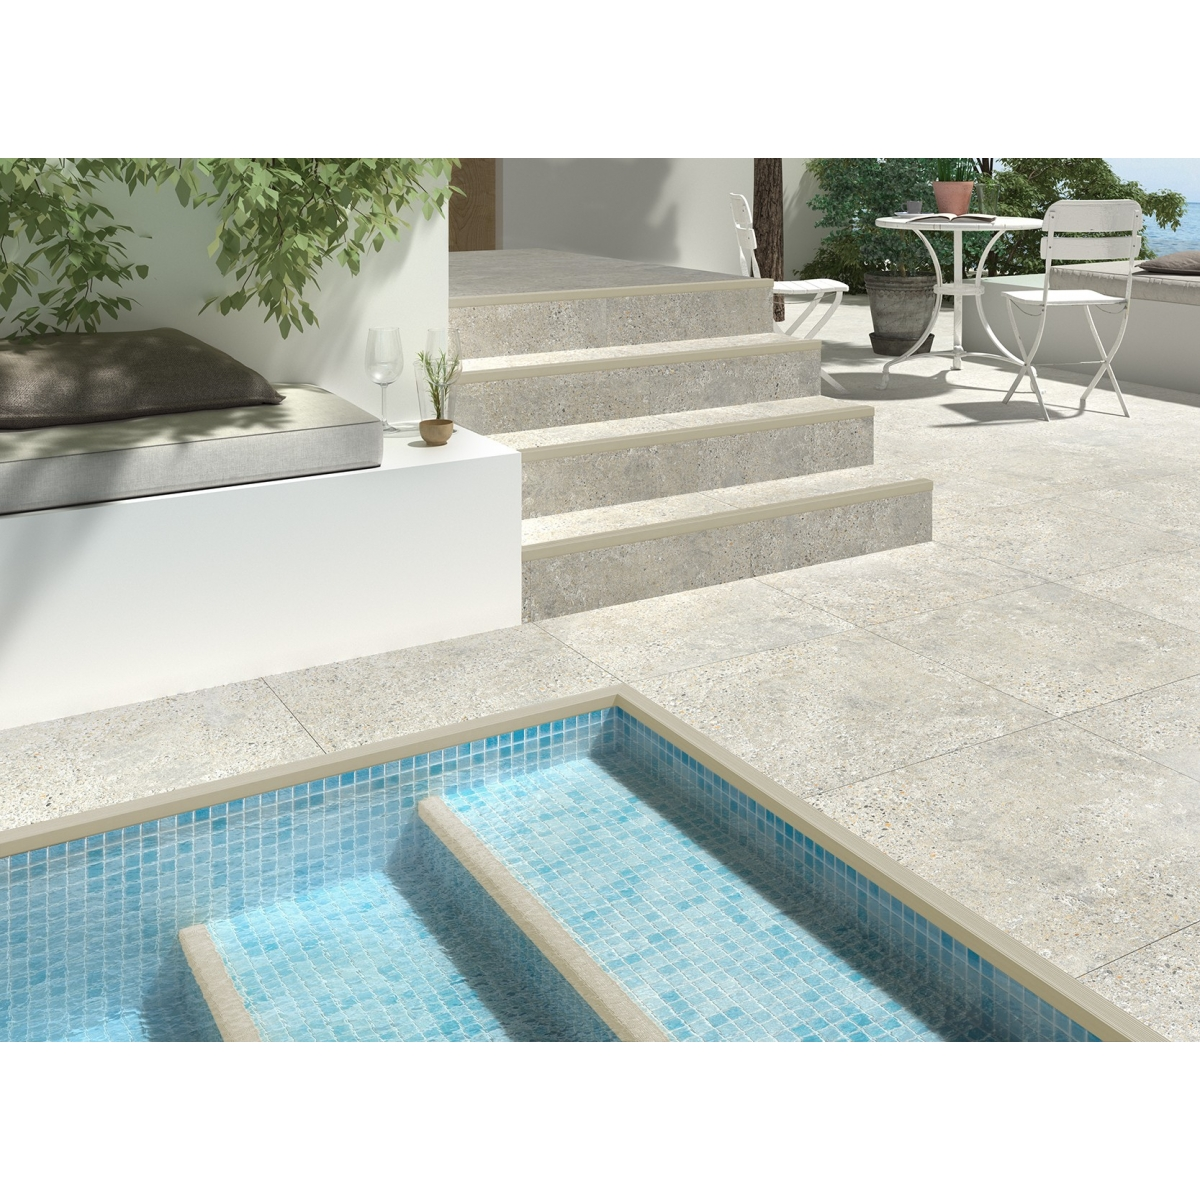 Perfil universal peldaños y piscinas Astra Nori color cemento